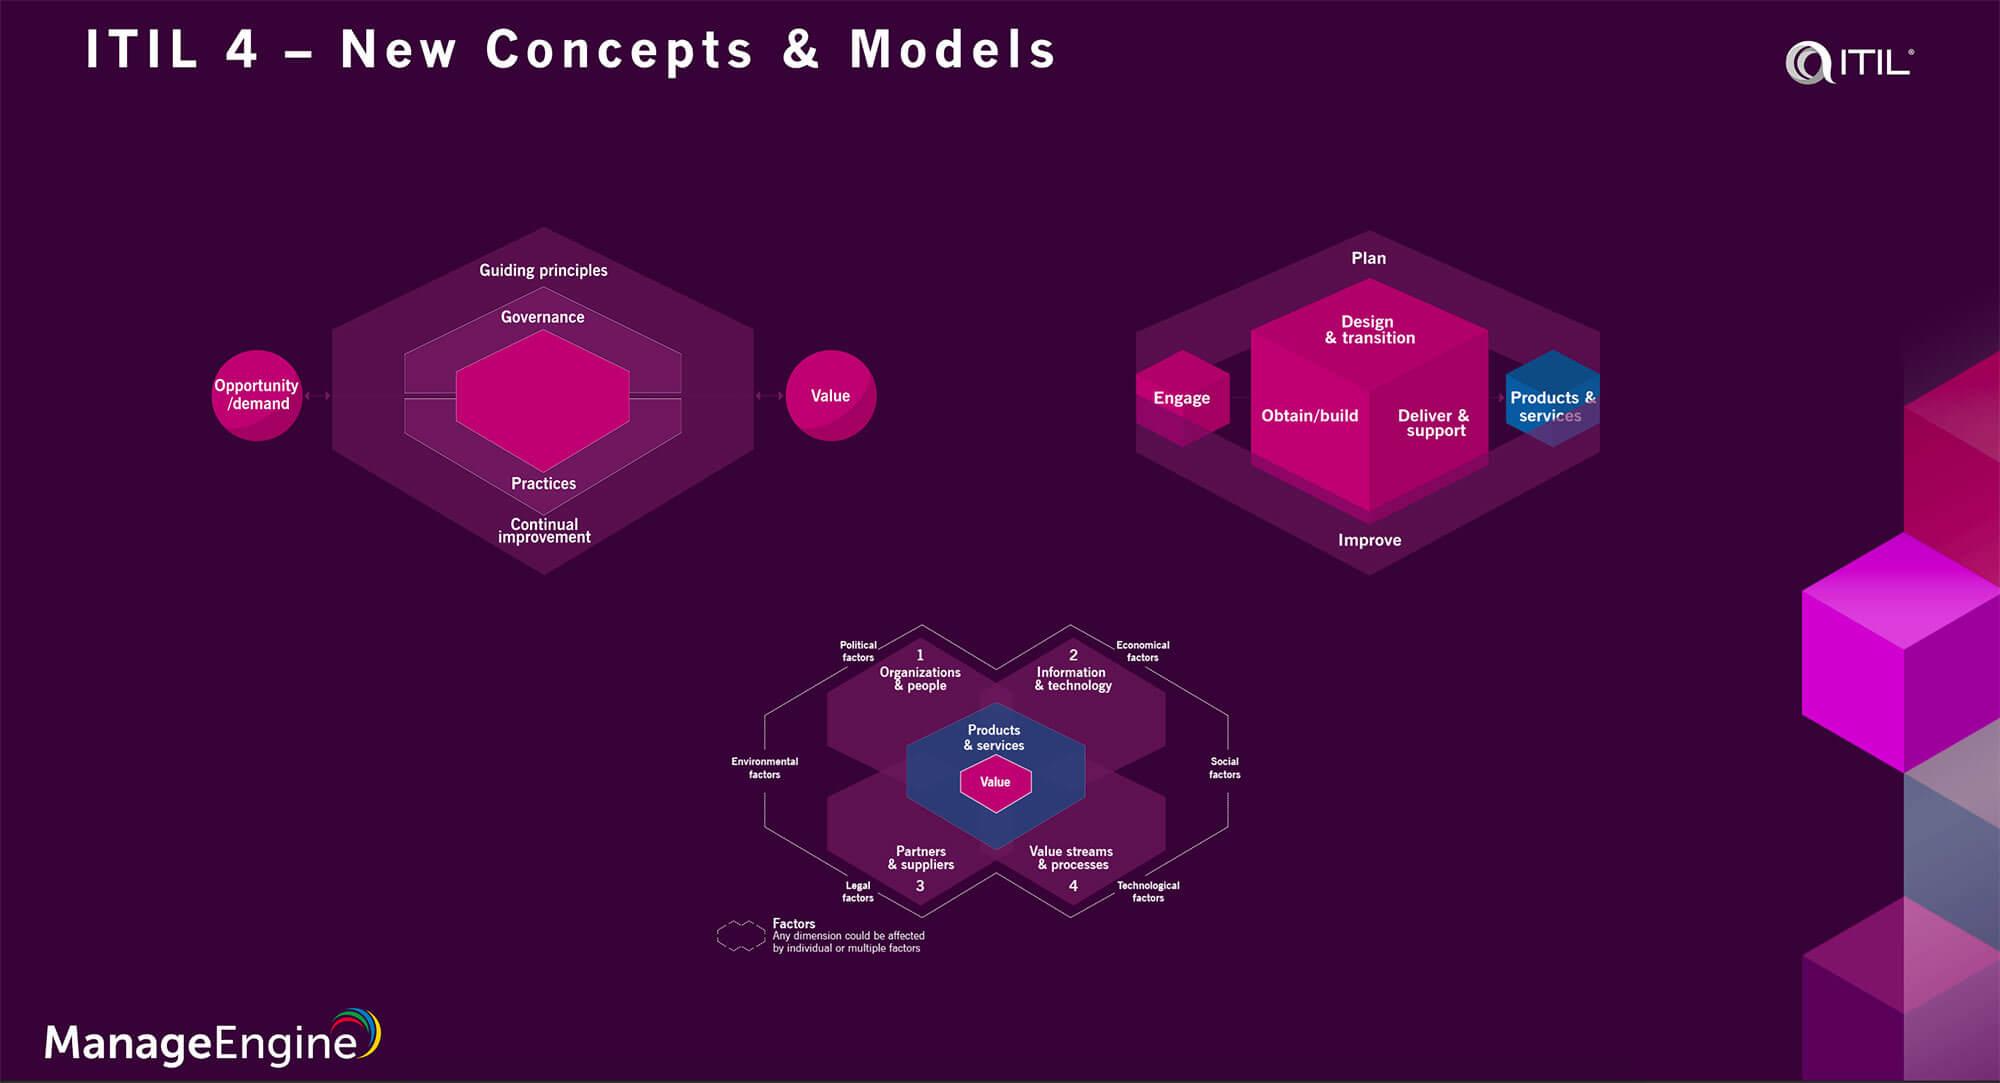 ITIL 4 Concepts